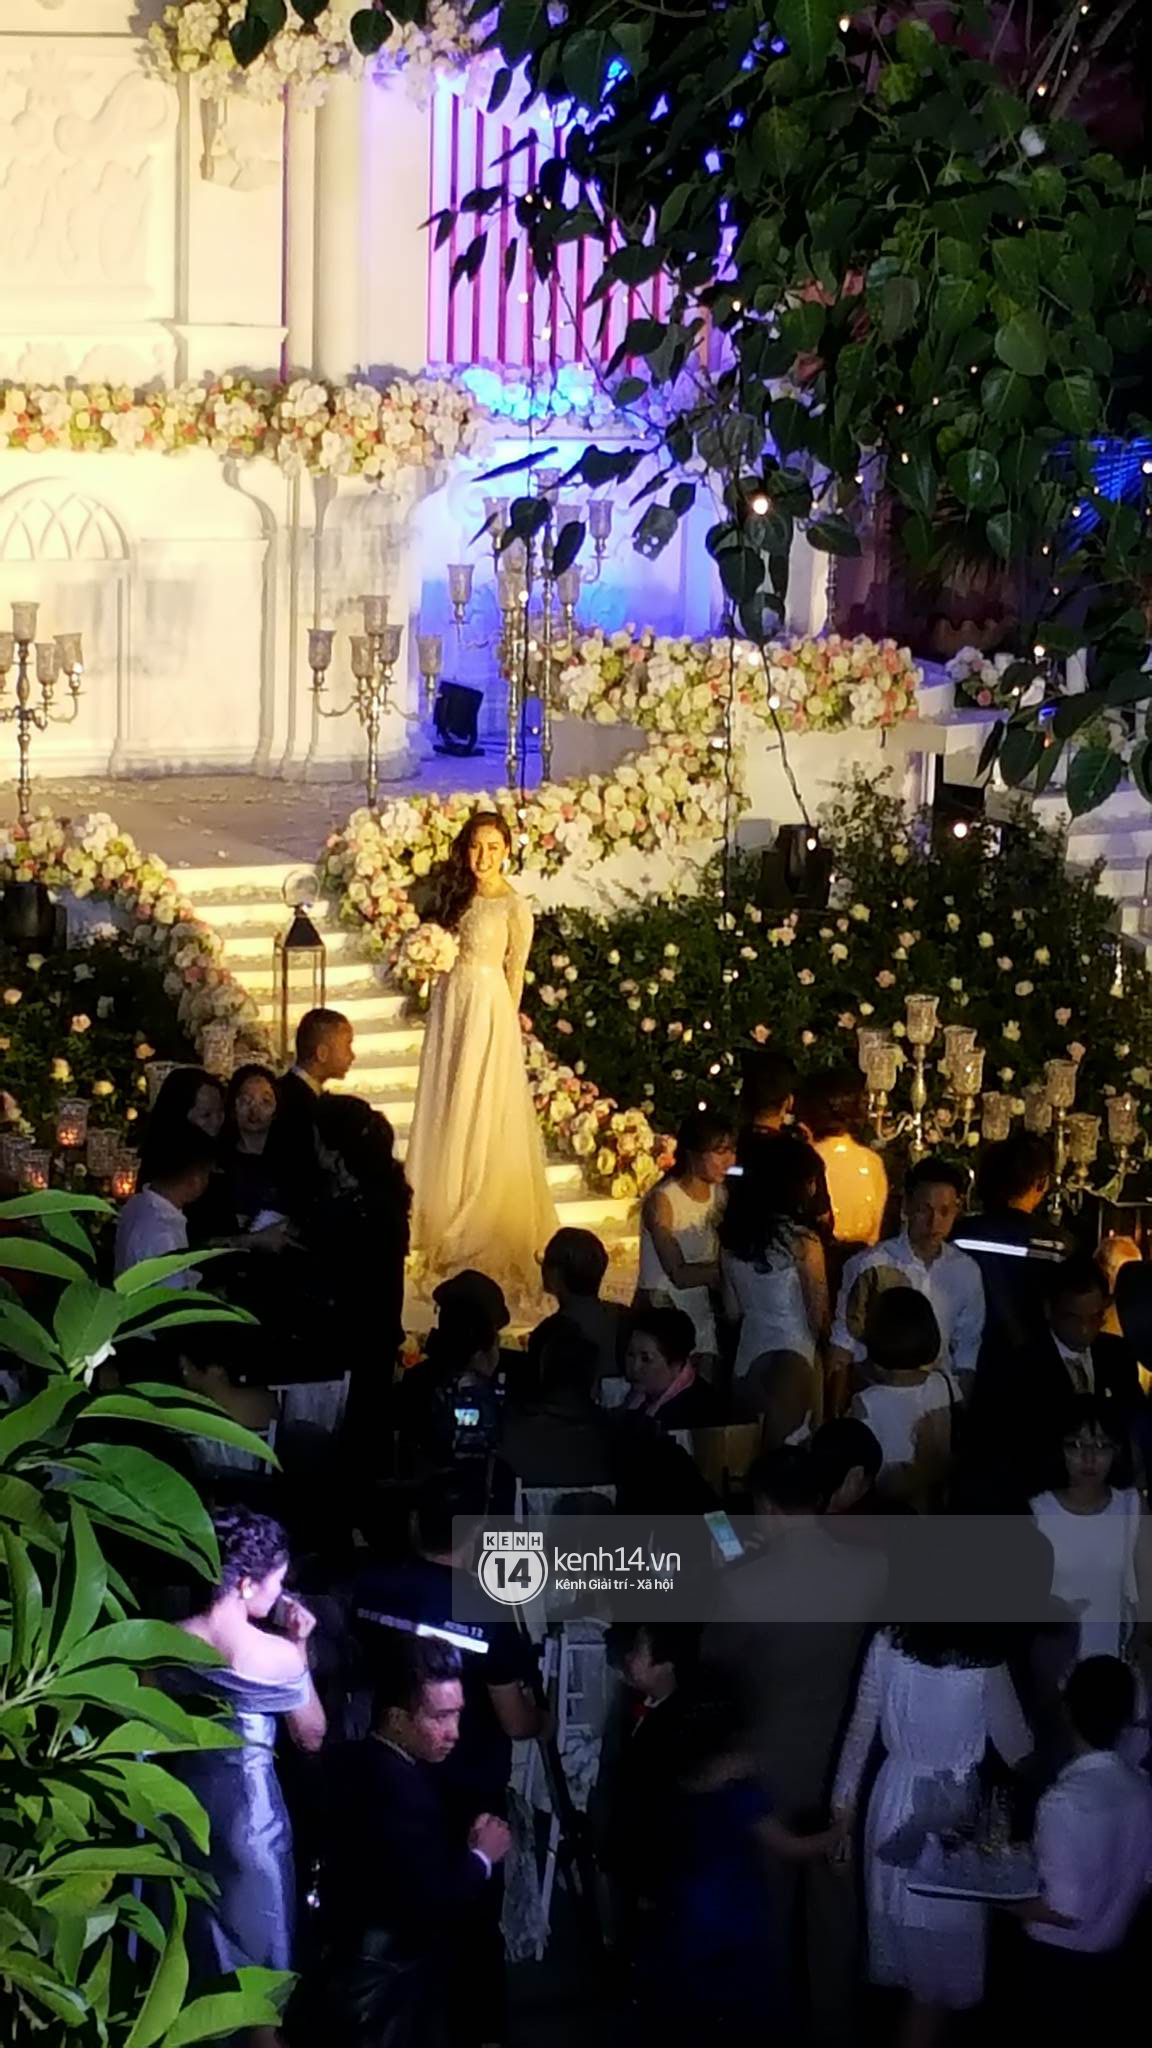 Đám cưới MC Mai Ngọc: Không gian lộng lẫy, cầu kỳ, xứng đáng là đám cưới sang chảnh nhất Hà Nội hôm nay - Ảnh 5.